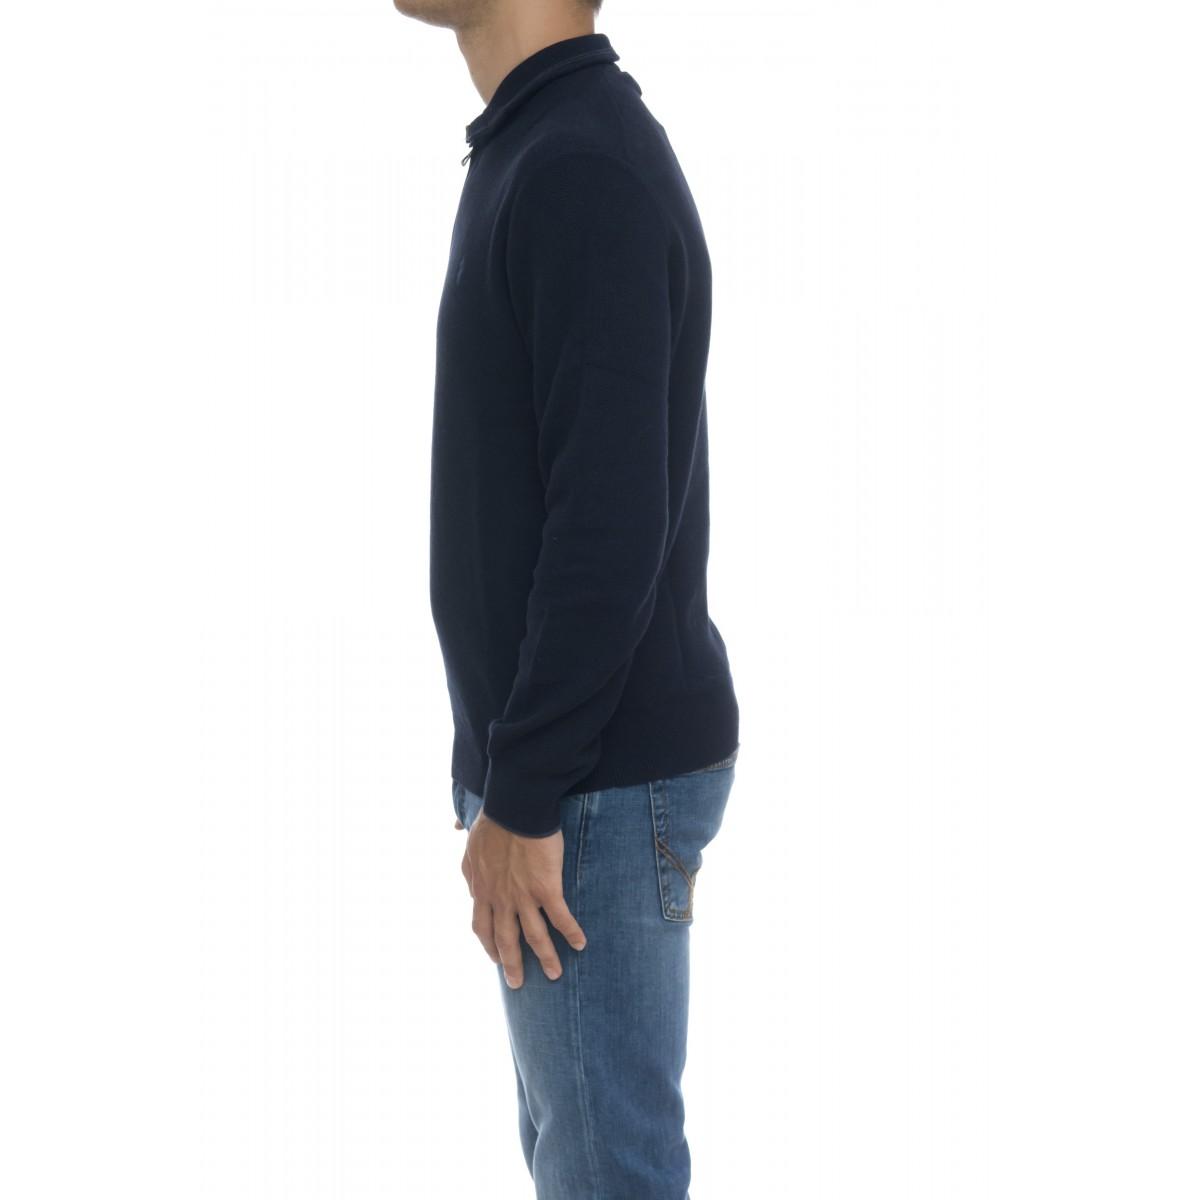 Maglia uomo - 701611 maglia zip cotone nido ape